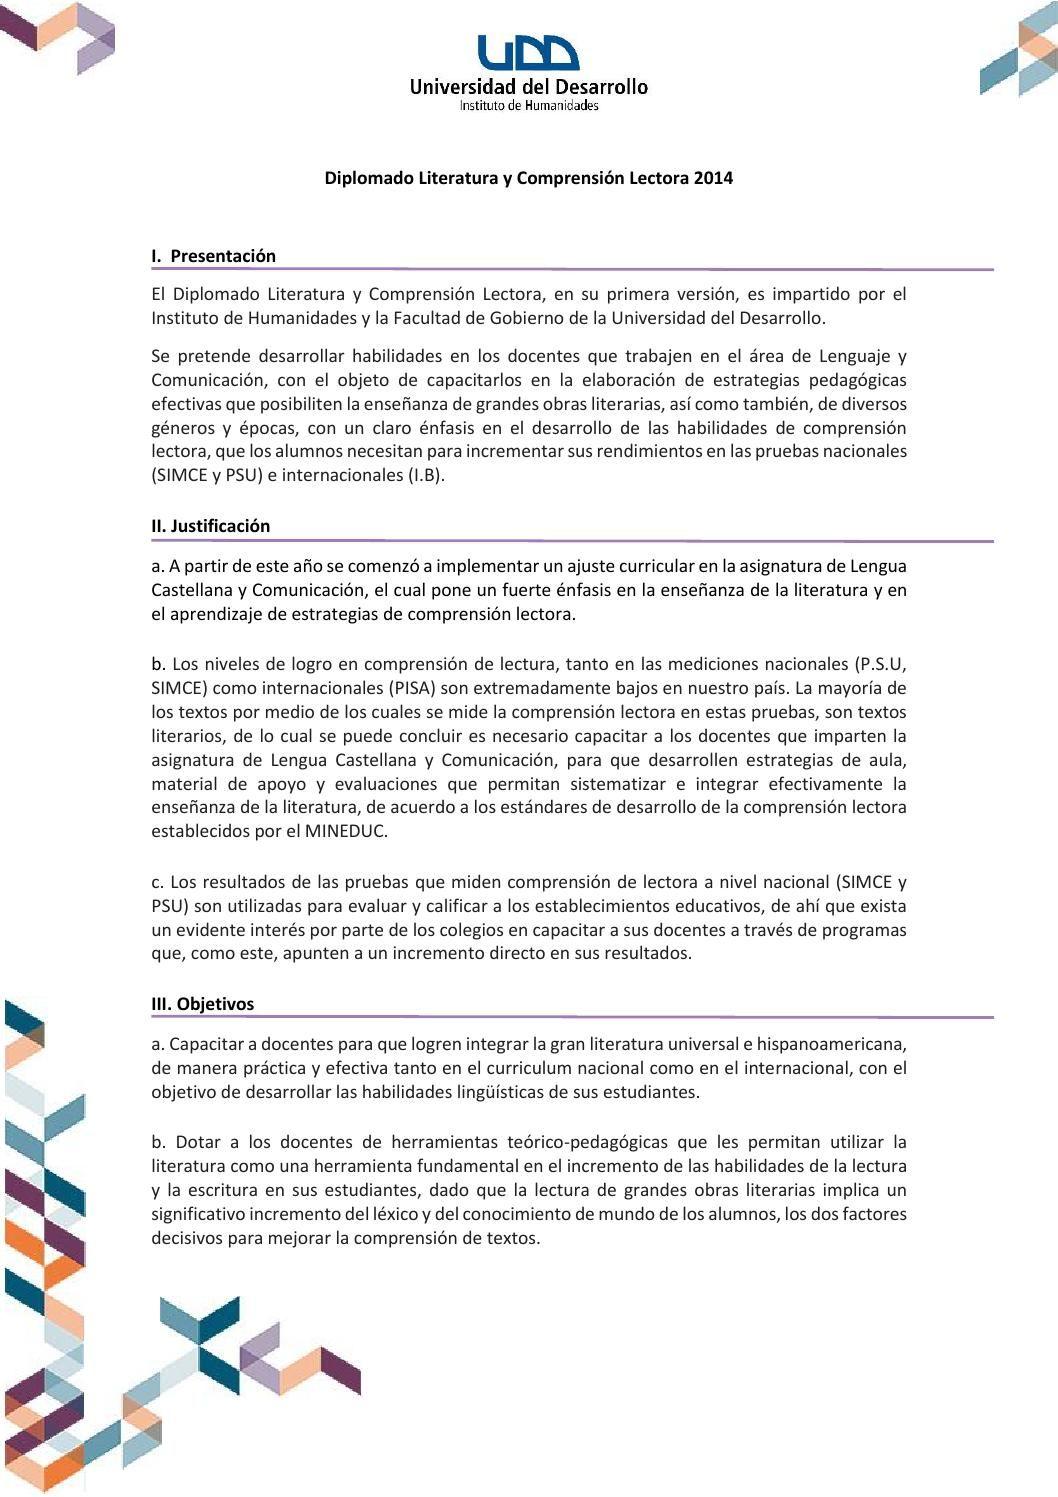 Brochure Diplomado Comprensión Lectora 2014 Humanidades Gobierno UDD ...